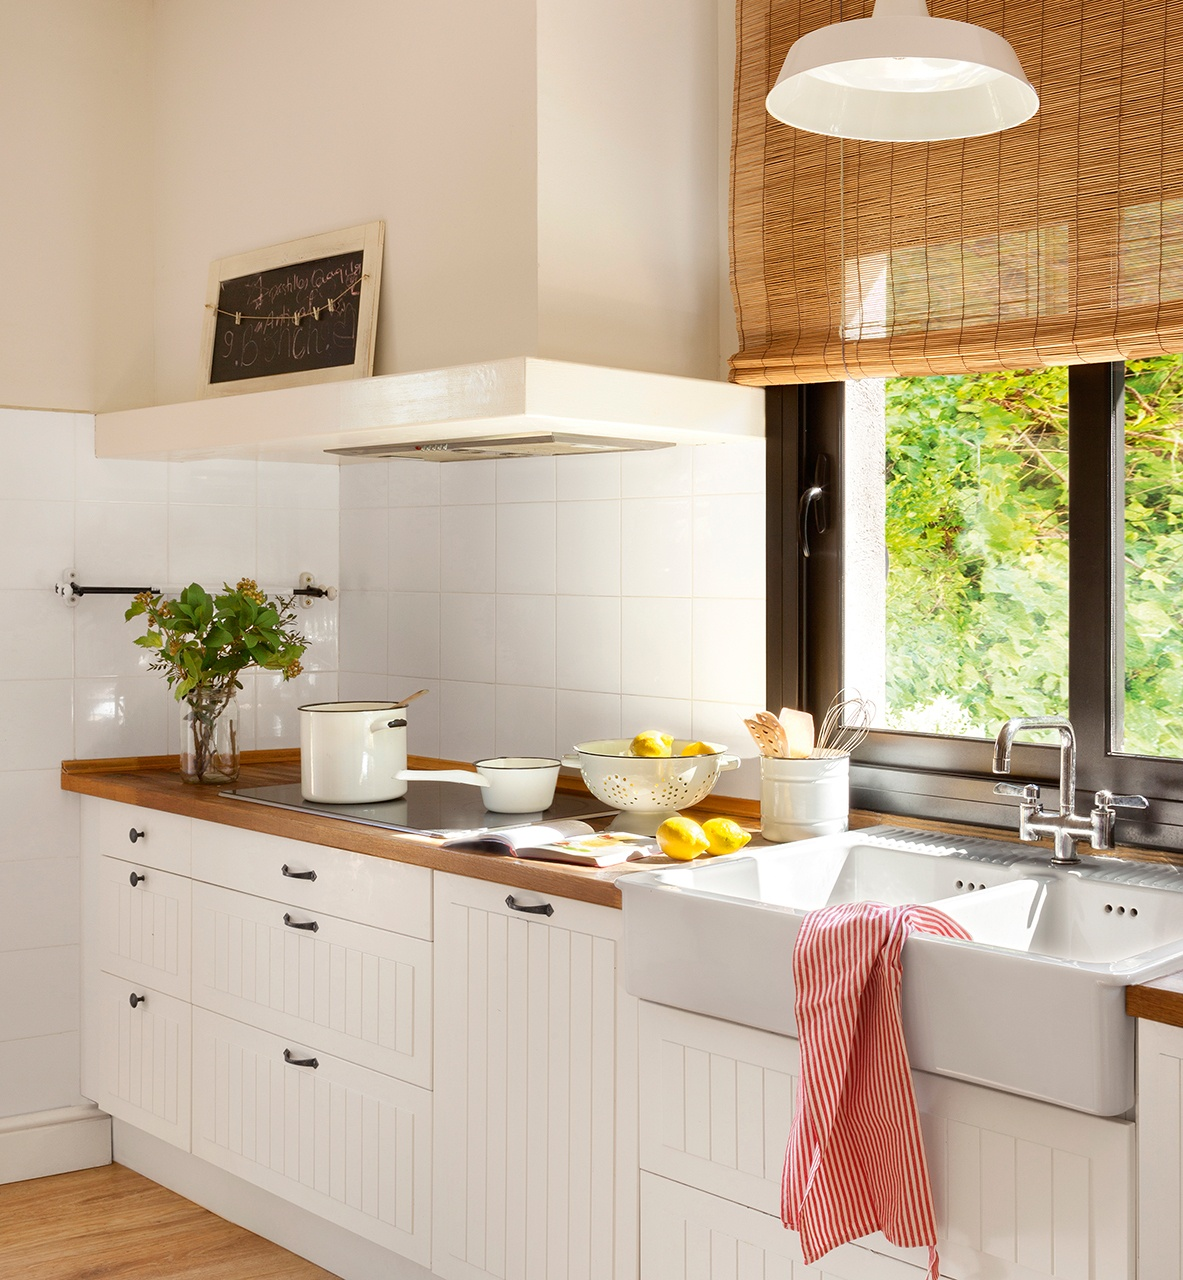 cocinas-en-blanco-y-madera-campera-elmueble